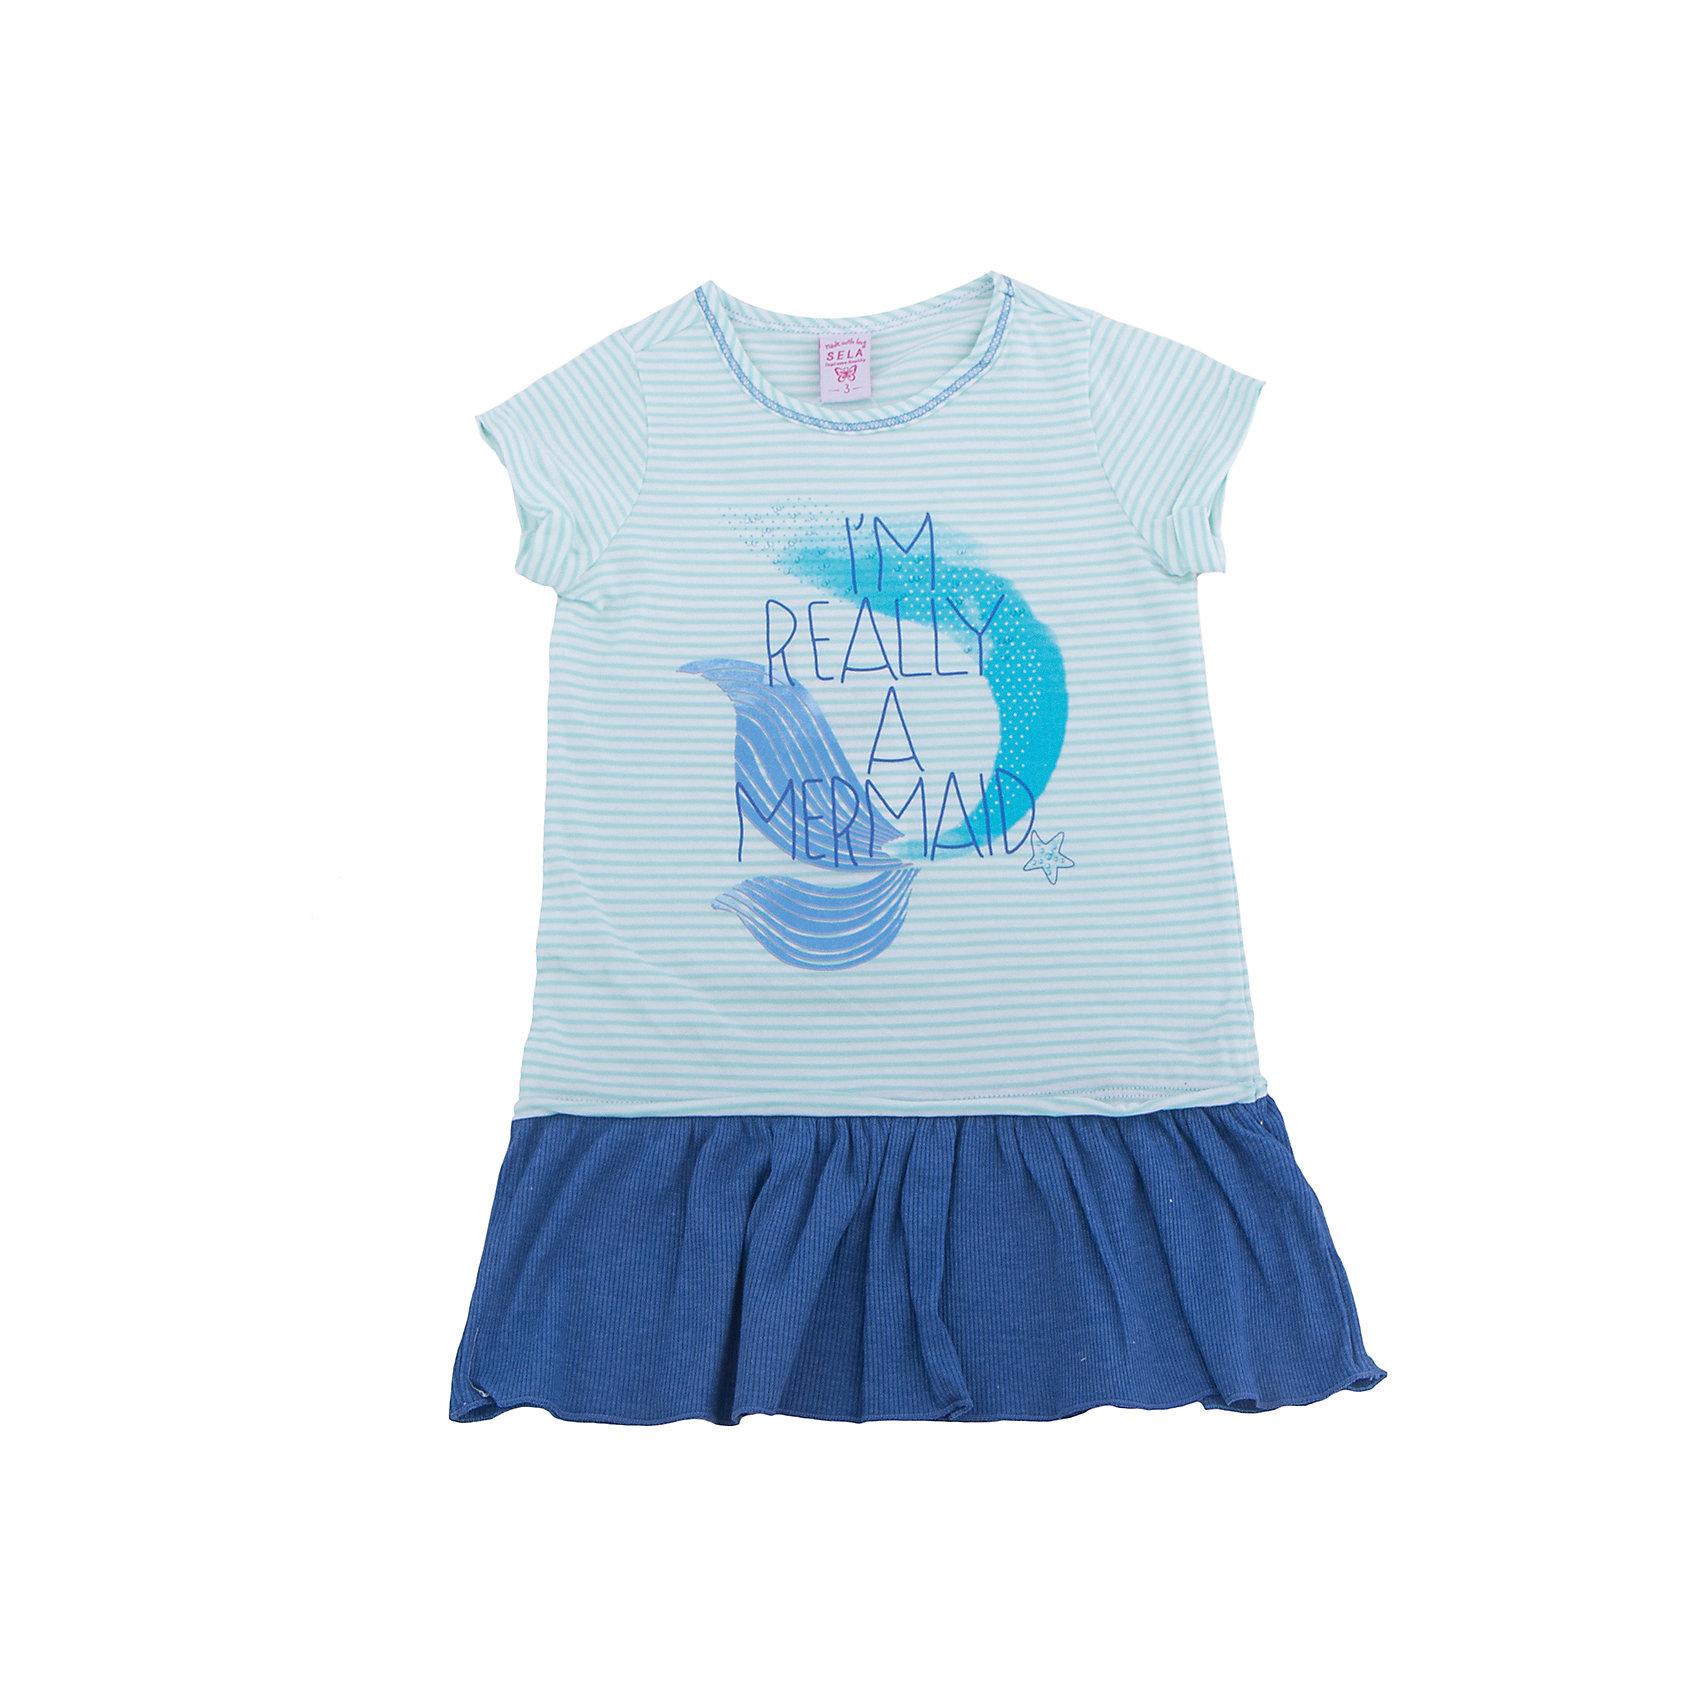 Платье для девочки SELAПлатья и сарафаны<br>Характеристики товара:<br><br>• цвет: голубой<br>• сезон: лето<br>• состав: 100% хлопок<br>• принт<br>• длина выше колена<br>• корткие рукава<br>• страна бренда: Россия<br><br>В новой коллекции SELA отличные модели одежды! Это платье для девочки поможет разнообразить гардероб ребенка и обеспечить комфорт. Оно отлично сочетается с различной обувью.<br><br>Одежда, обувь и аксессуары от российского бренда SELA не зря пользуются большой популярностью у детей и взрослых!<br><br>Платье для девочки от популярного бренда SELA (СЕЛА) можно купить в нашем интернет-магазине.<br><br>Ширина мм: 236<br>Глубина мм: 16<br>Высота мм: 184<br>Вес г: 177<br>Цвет: молочный<br>Возраст от месяцев: 60<br>Возраст до месяцев: 72<br>Пол: Женский<br>Возраст: Детский<br>Размер: 116,98,104,110<br>SKU: 5305356